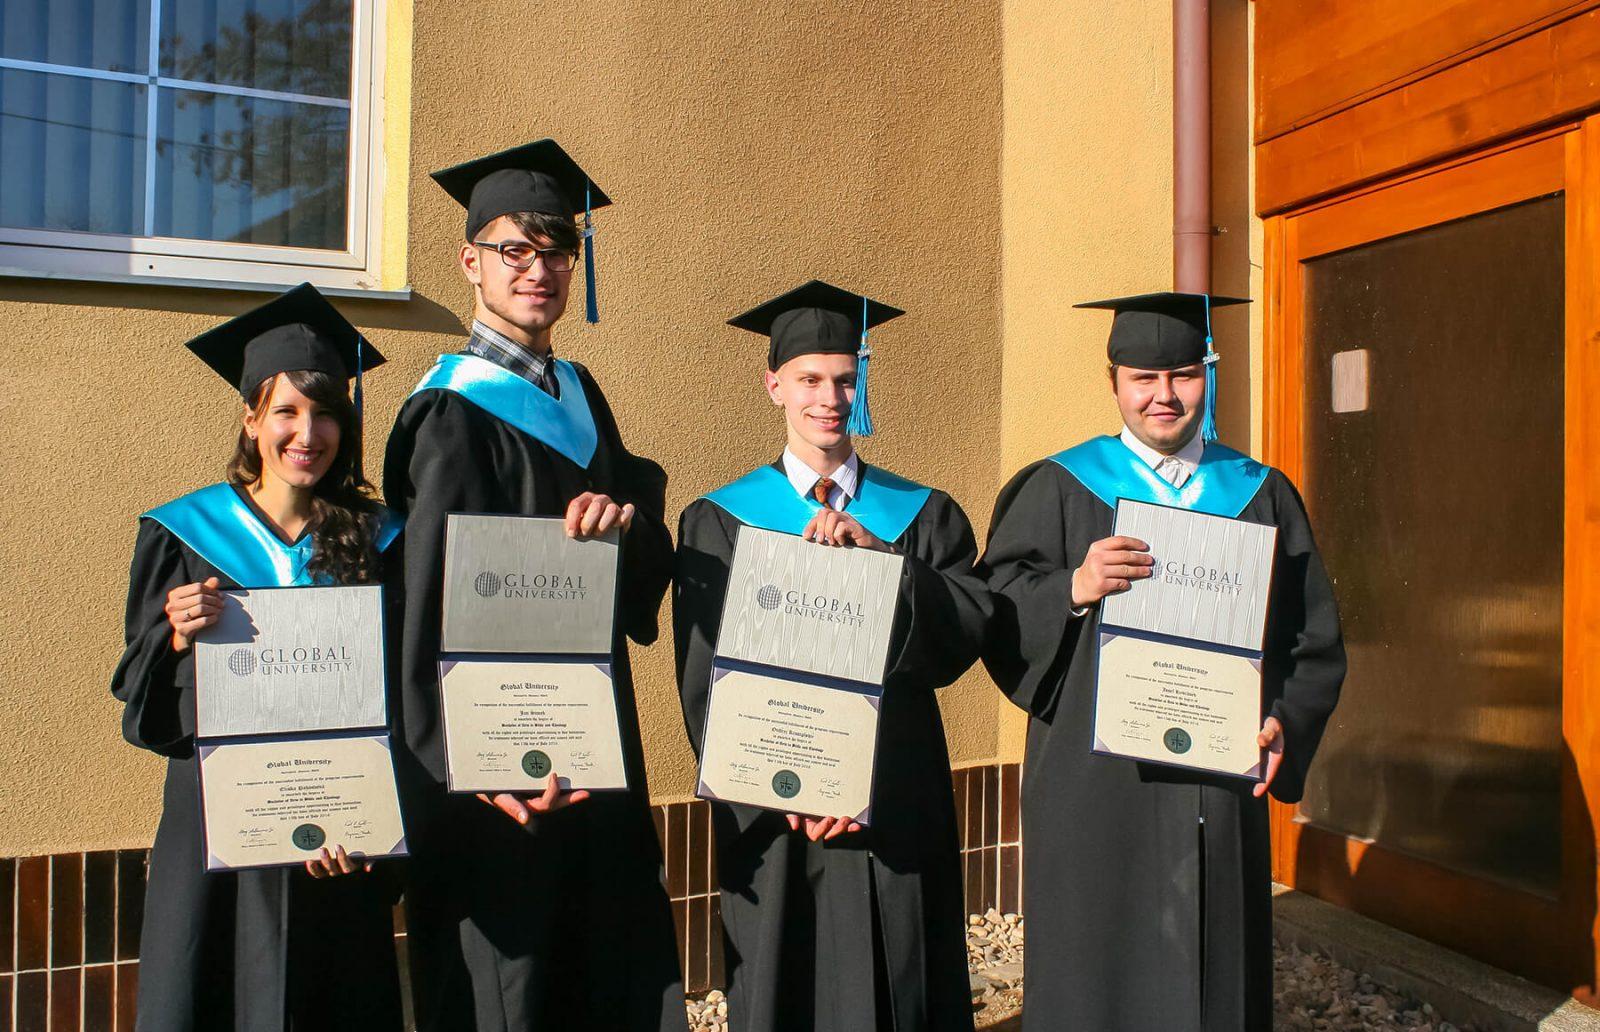 Czech Republic grads holding diplomas